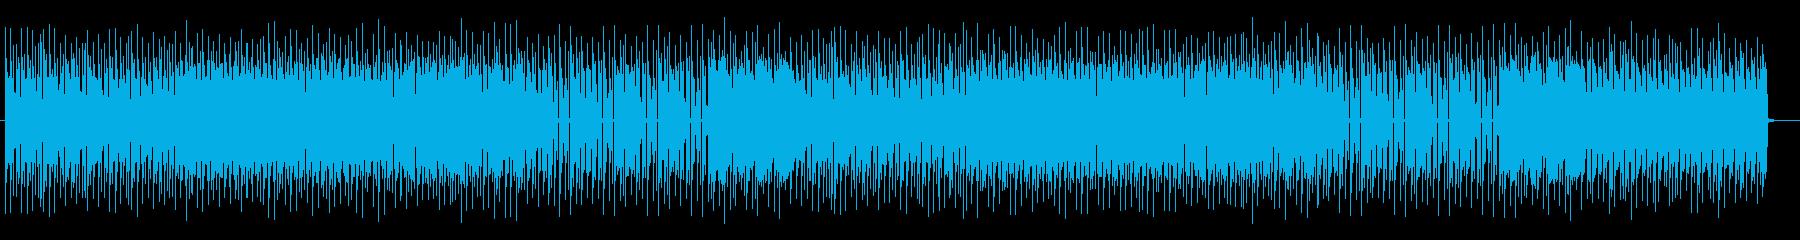 テクニカルでクールなエレキサウンドの再生済みの波形